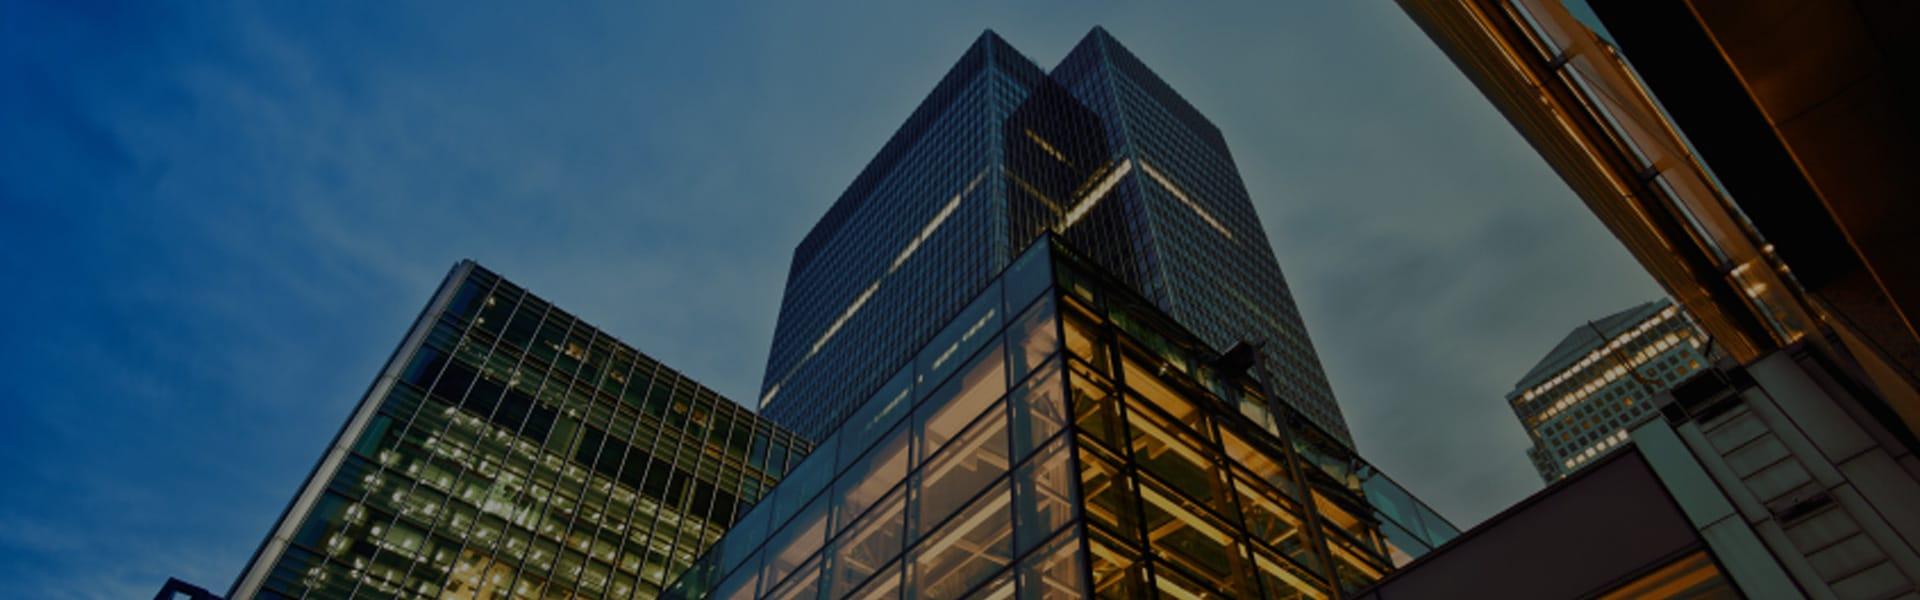 Enterprise Facility Management Software